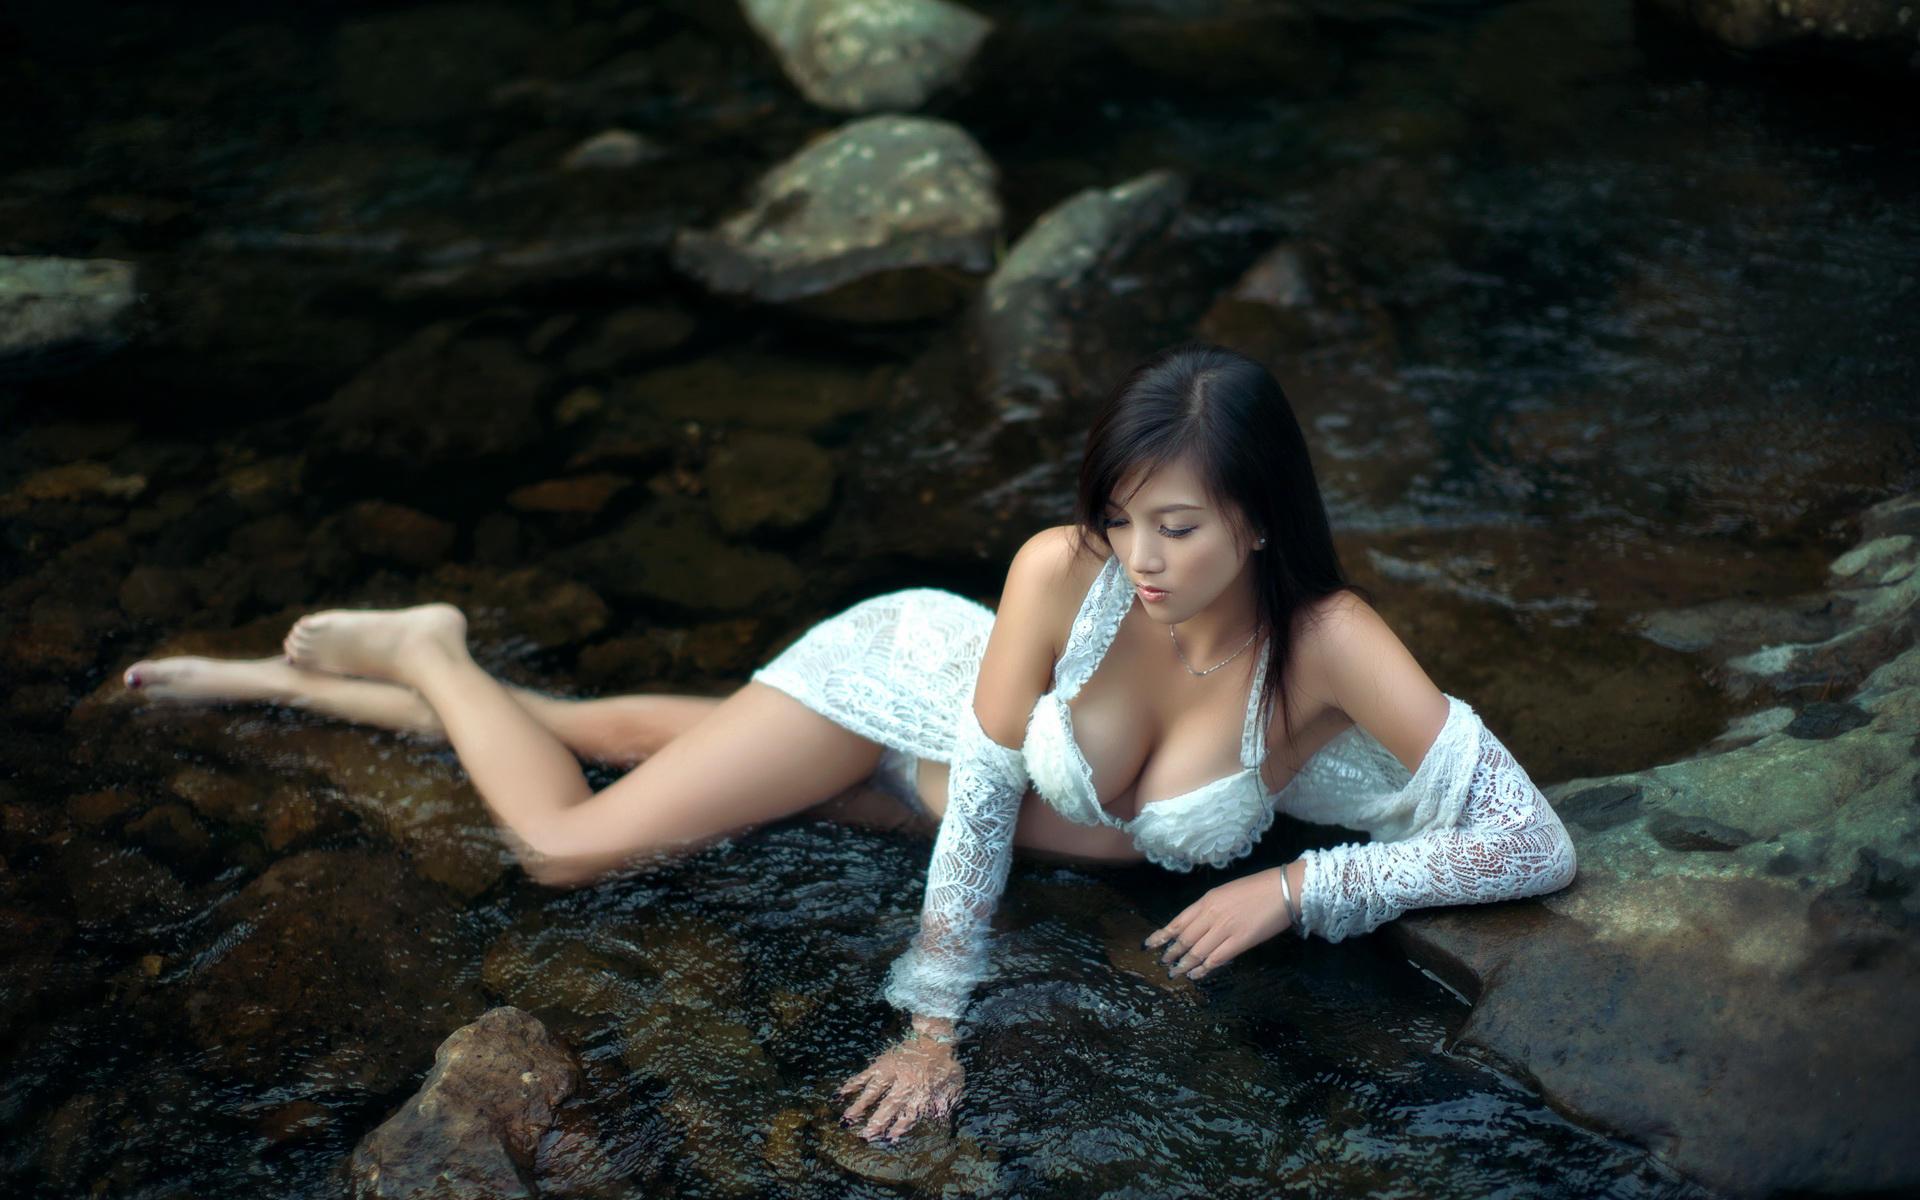 河边精灵唯美美女户外写真高清宽屏壁纸